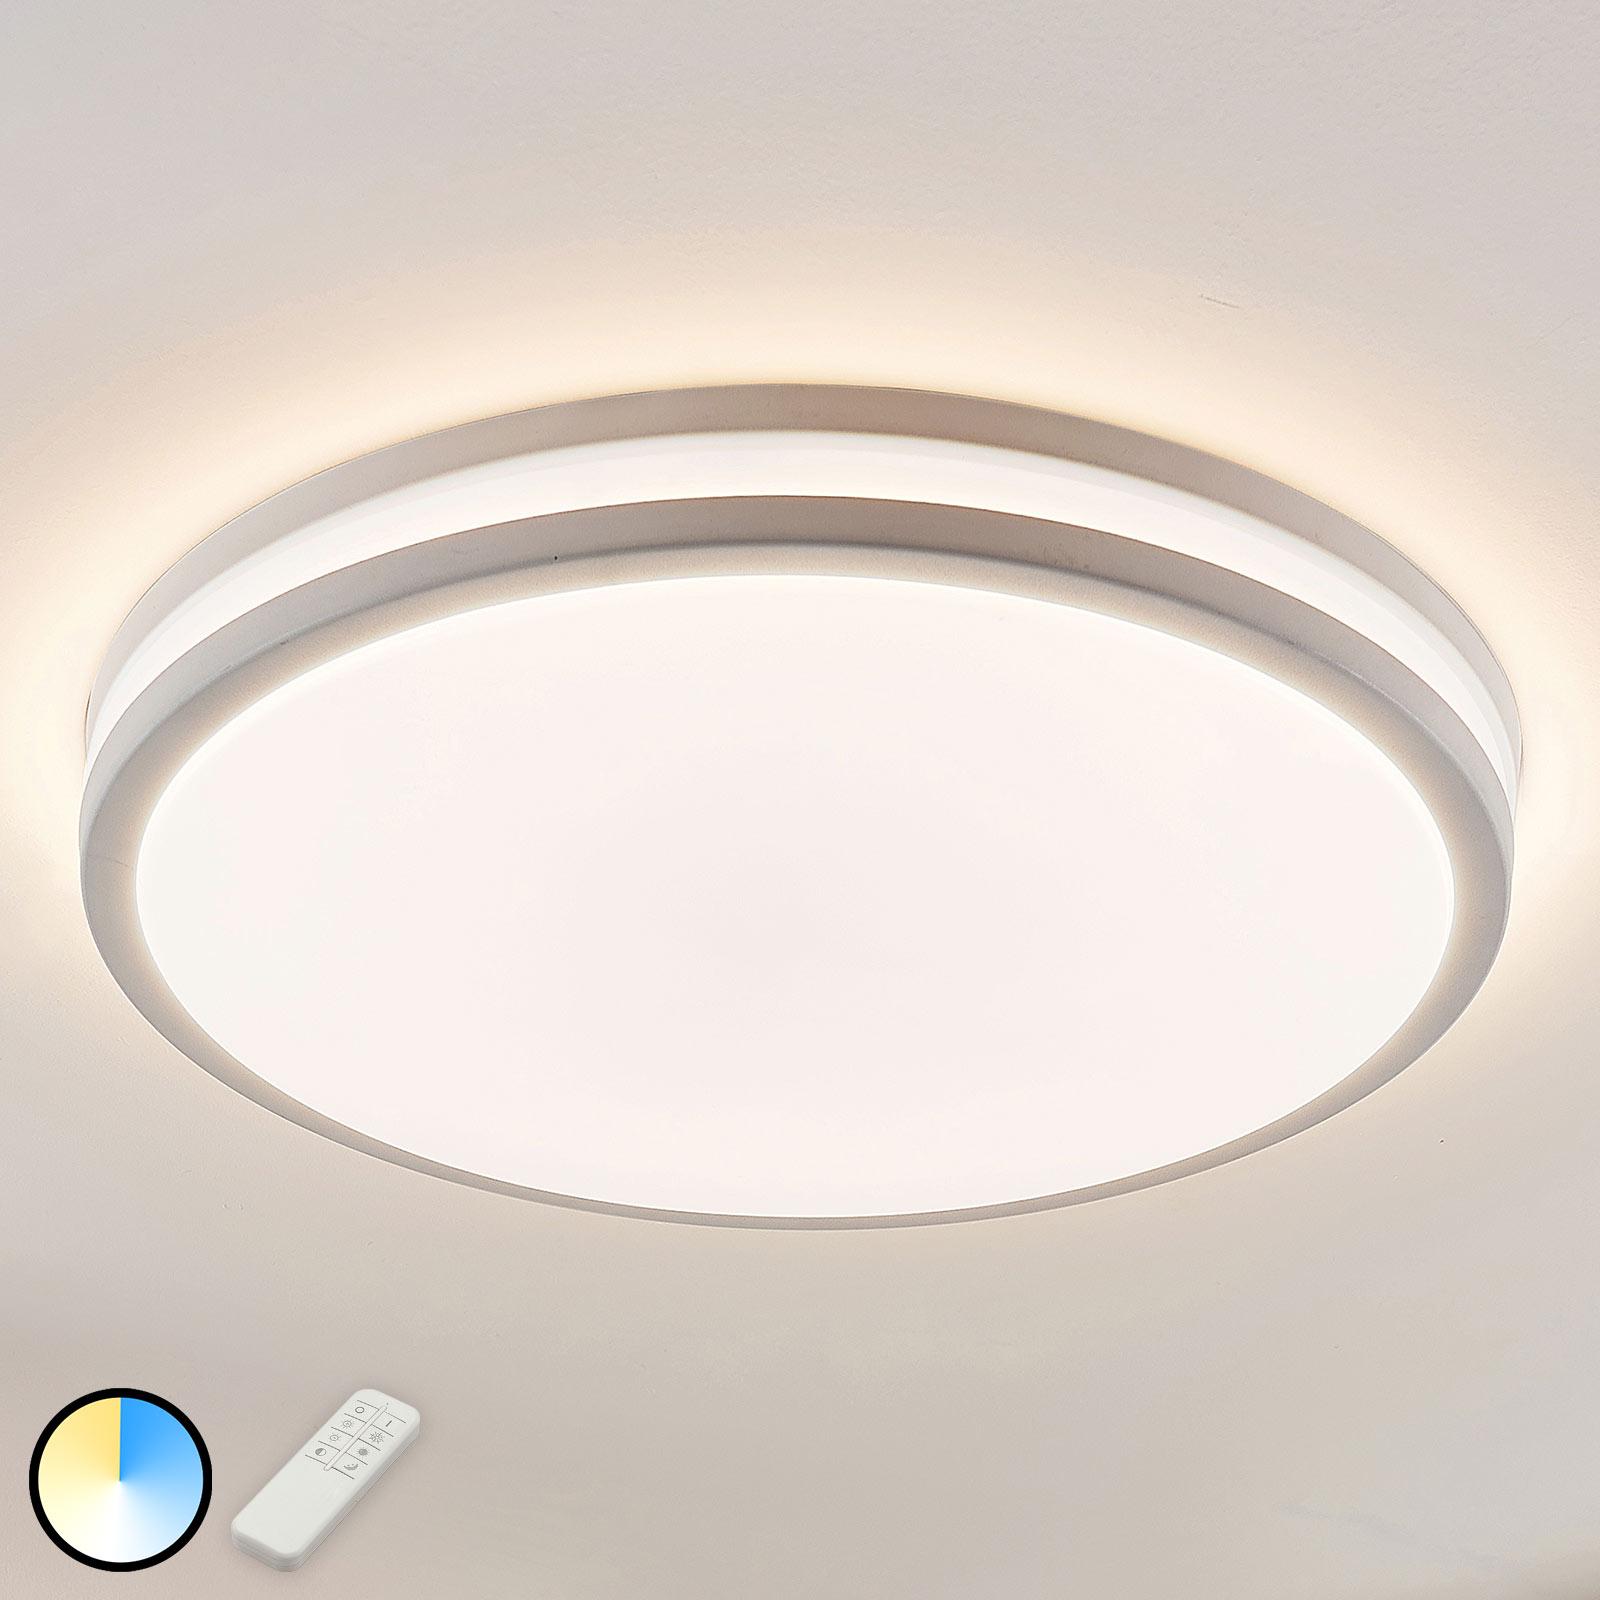 Lampa sufitowa LED Arnim biała, okrągła